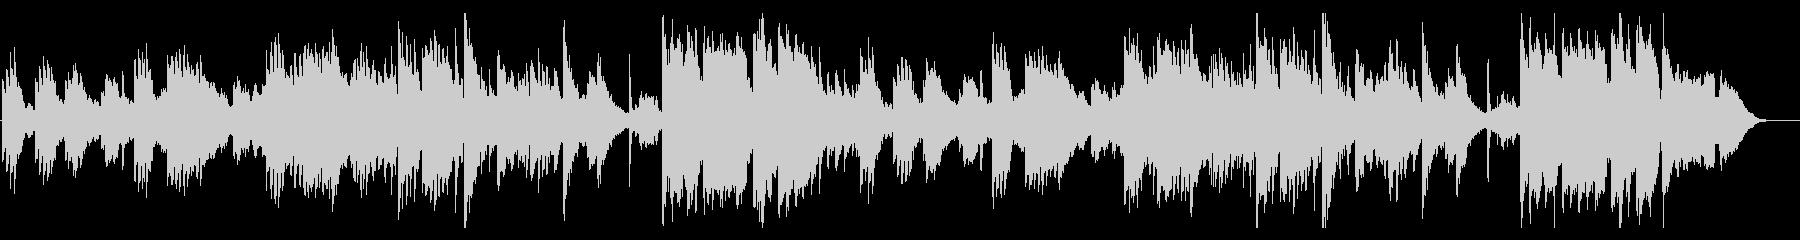 夕焼け空・雄大なノスタルジックピアノの未再生の波形